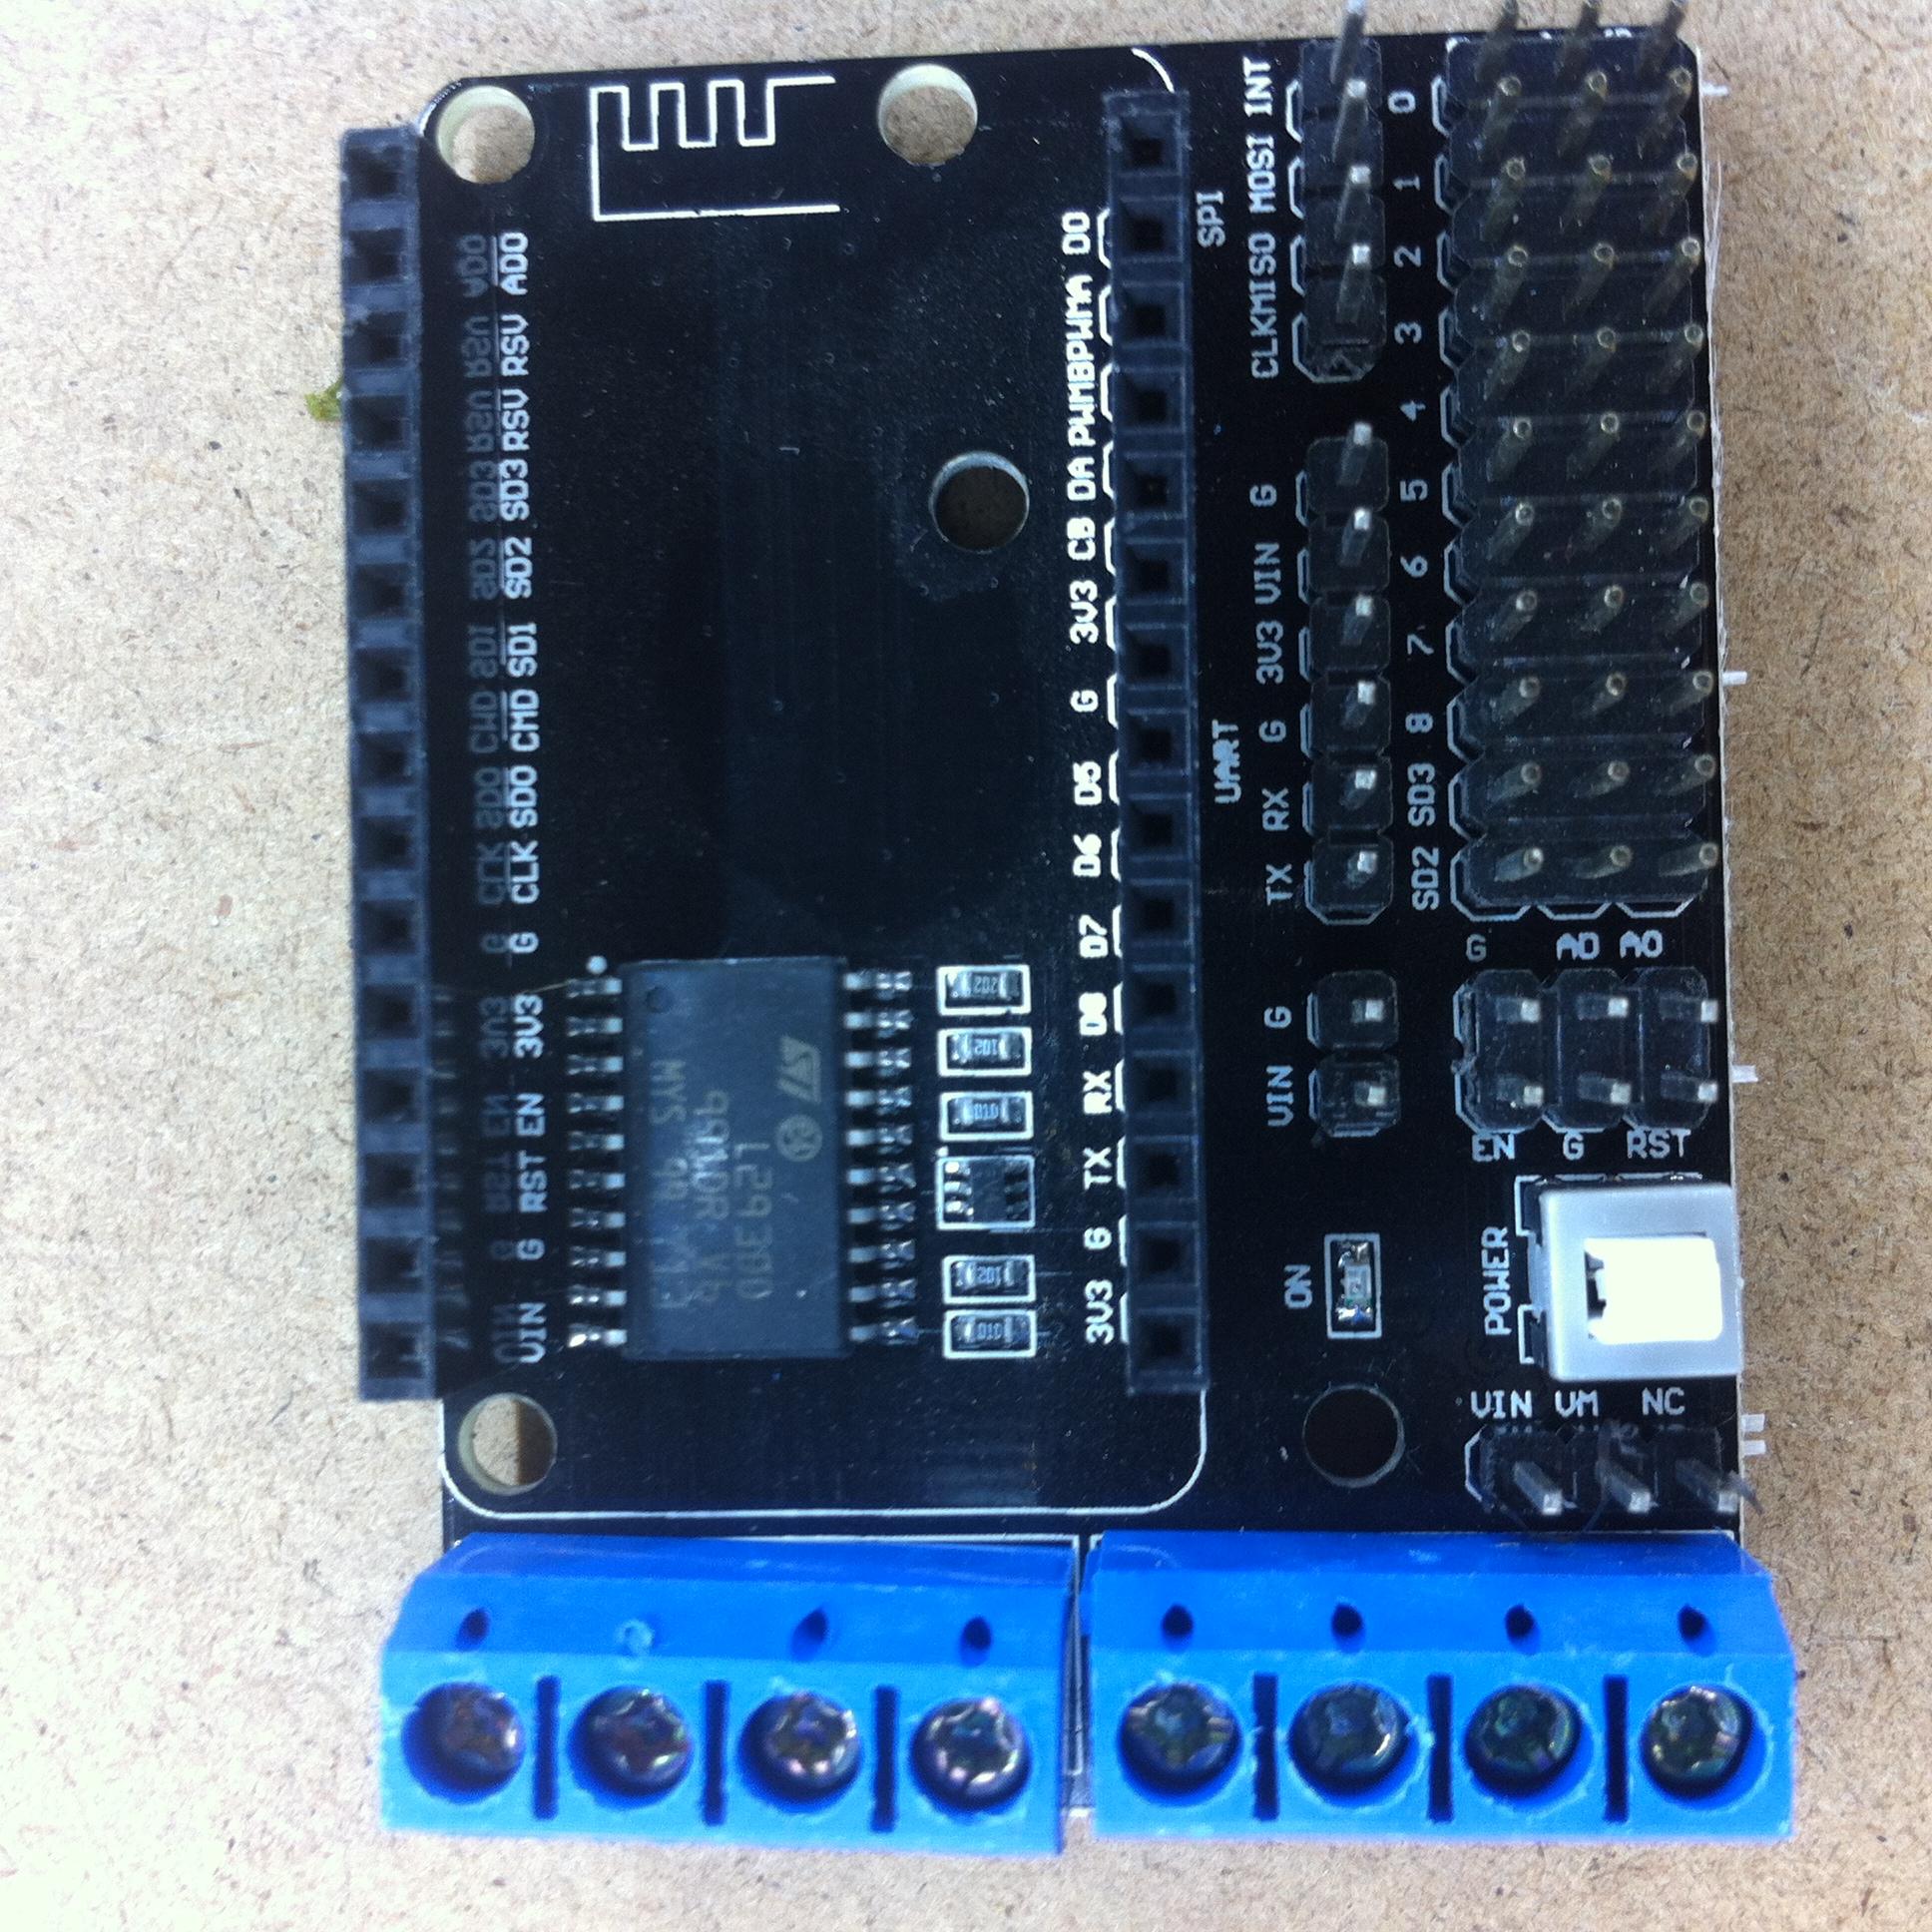 L293D Motor Driver Shield for NodeMcu ESP8266 - A2D Electronics